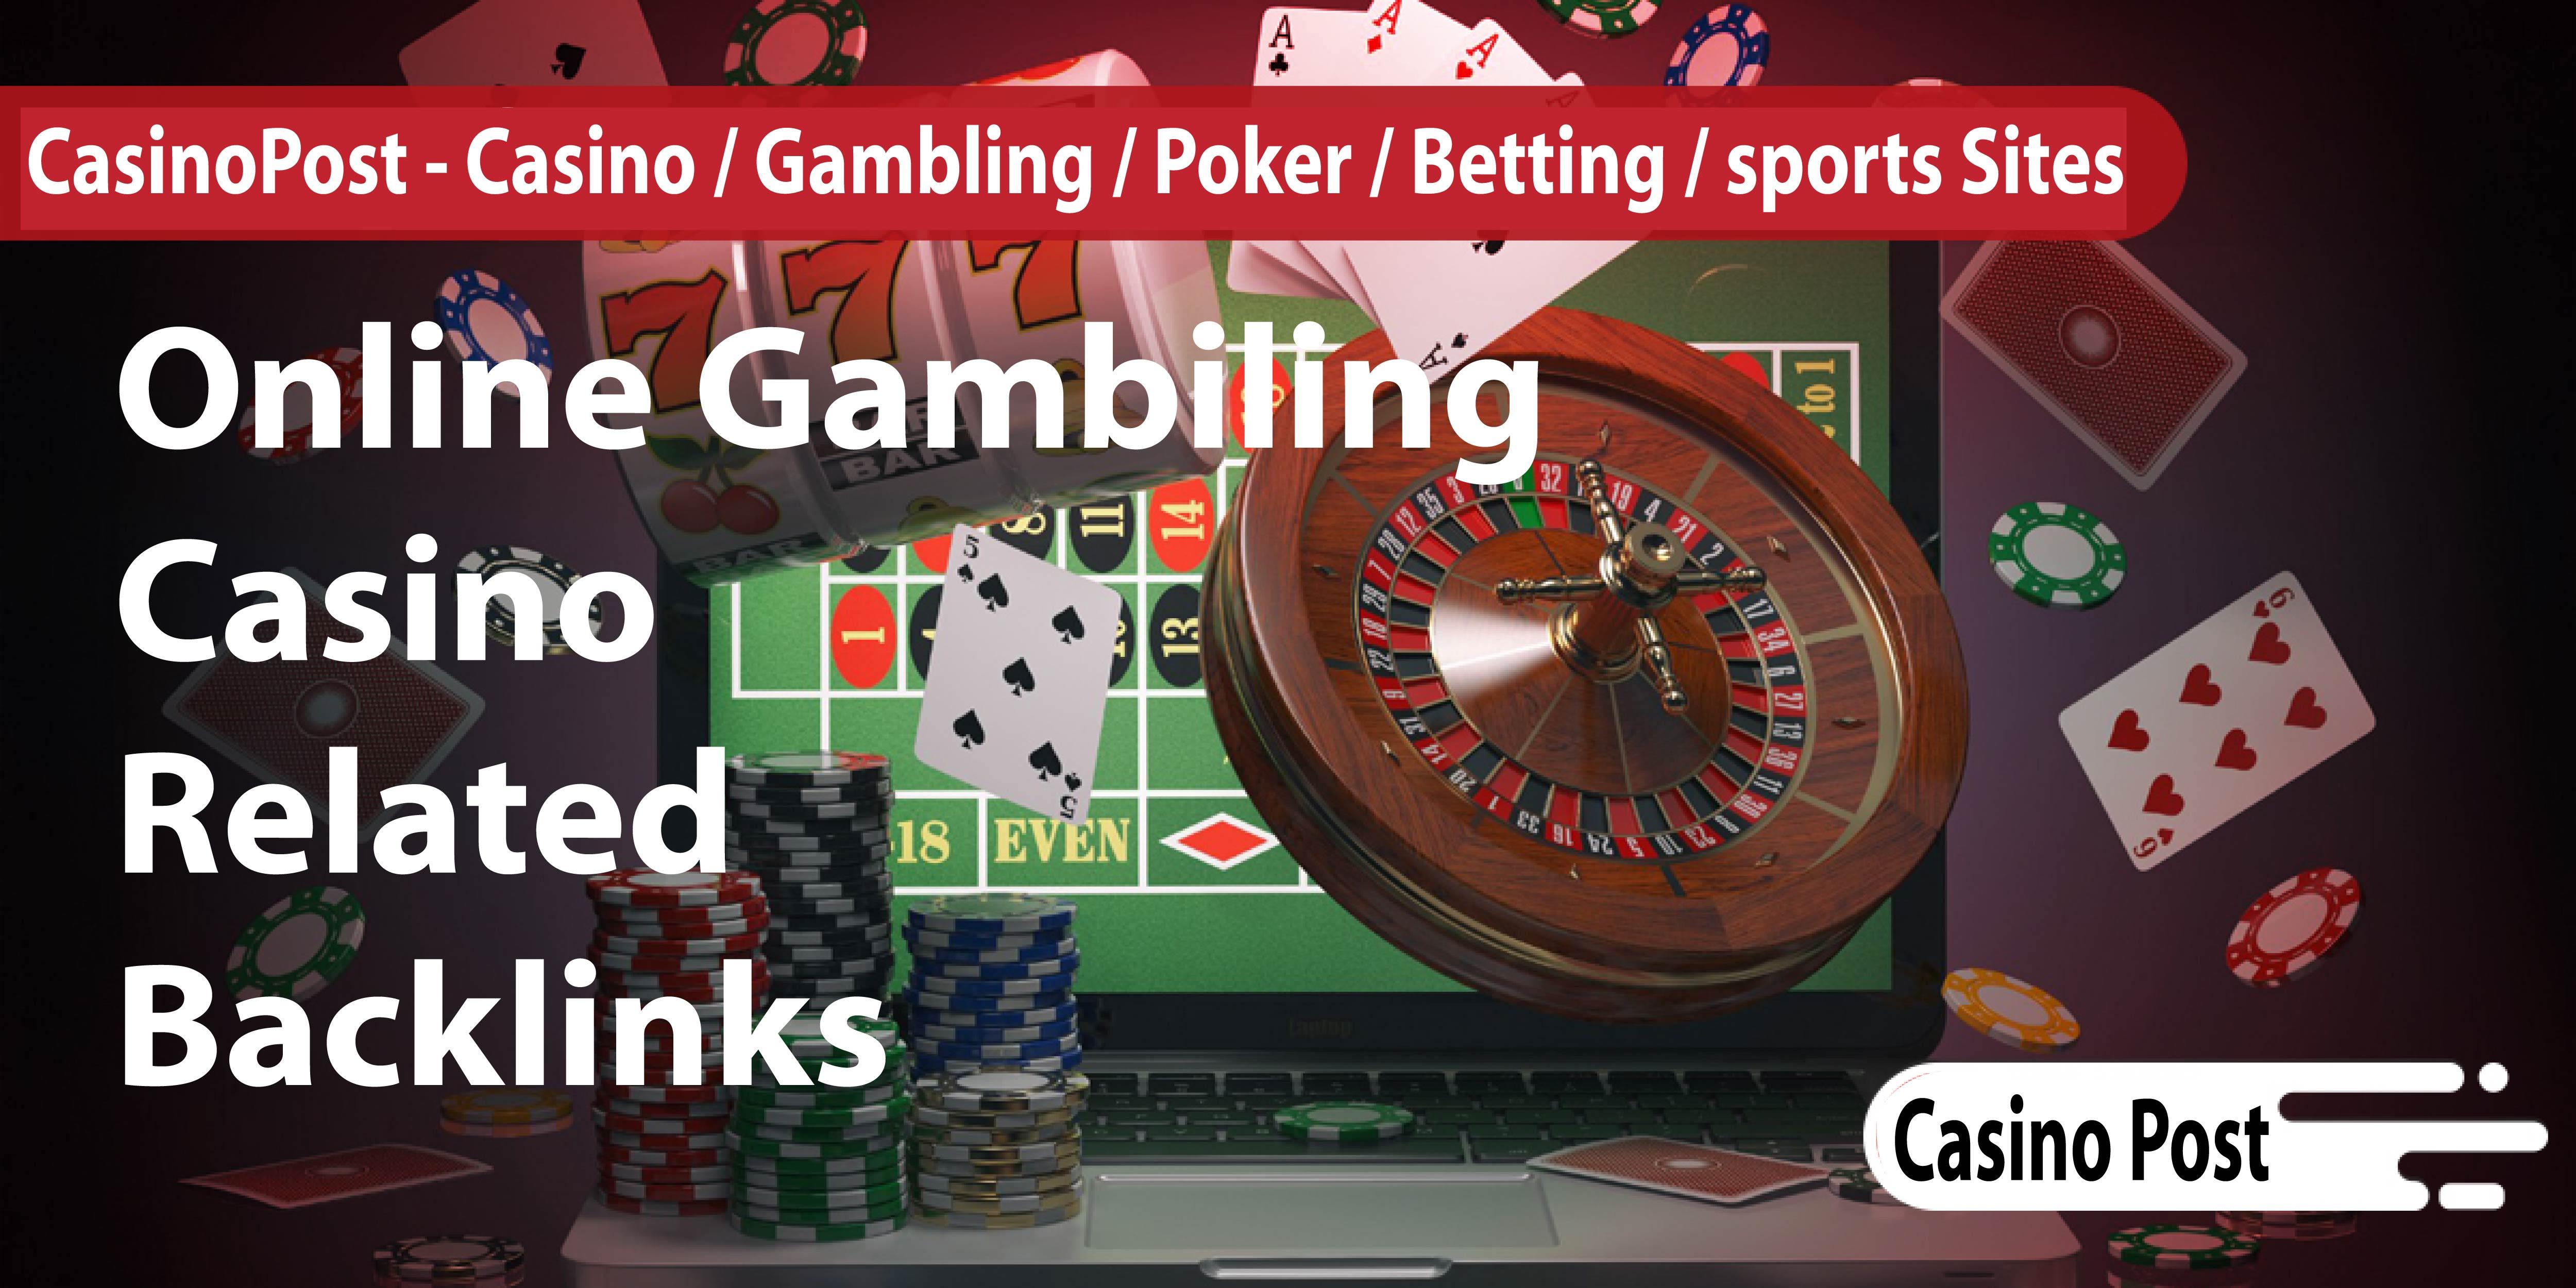 200 Casino & Gambling DA 38+ PA 40+ Web 2.0 From Casino / Gambling / Poker / Betting / sports sites